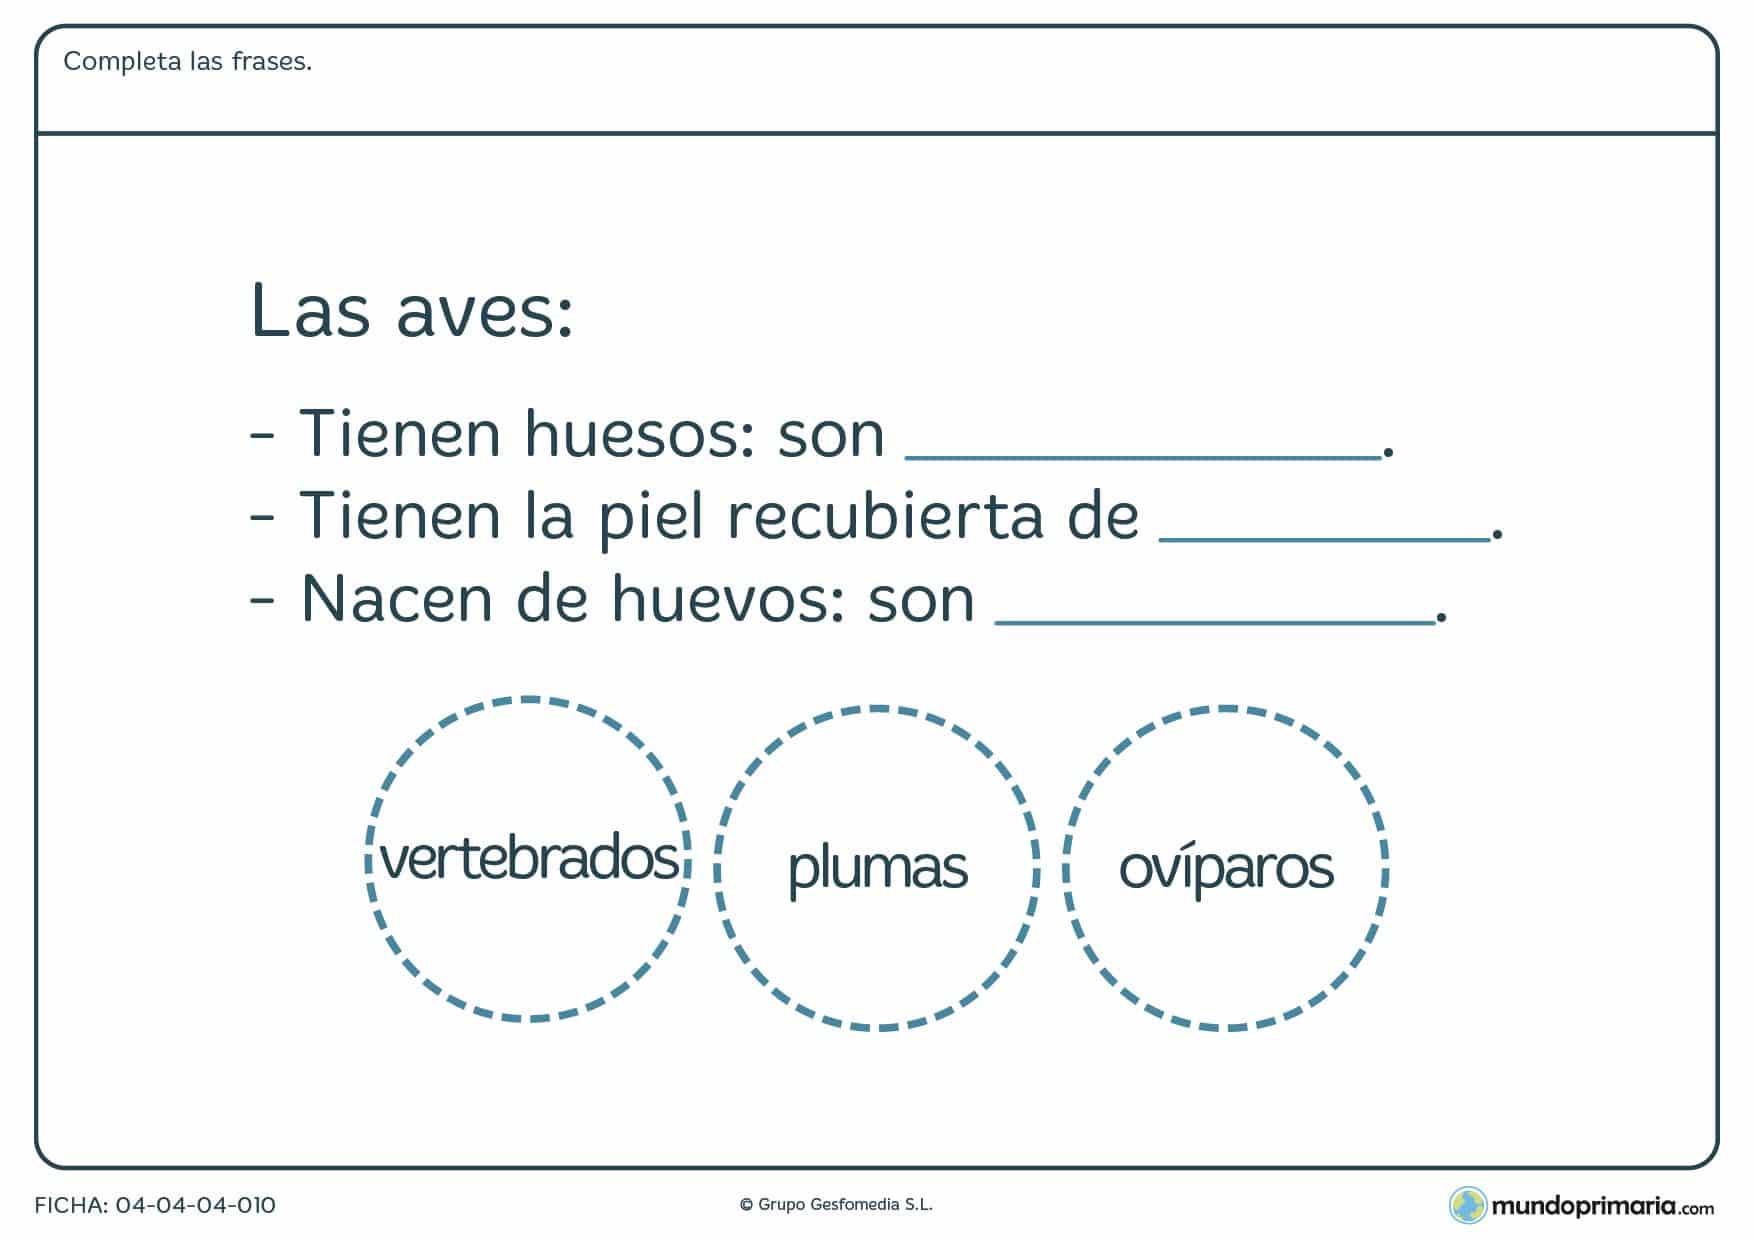 Ficha de las aves en el que hay que completar las frases con las palabras proporcionadas por el ejercicio.